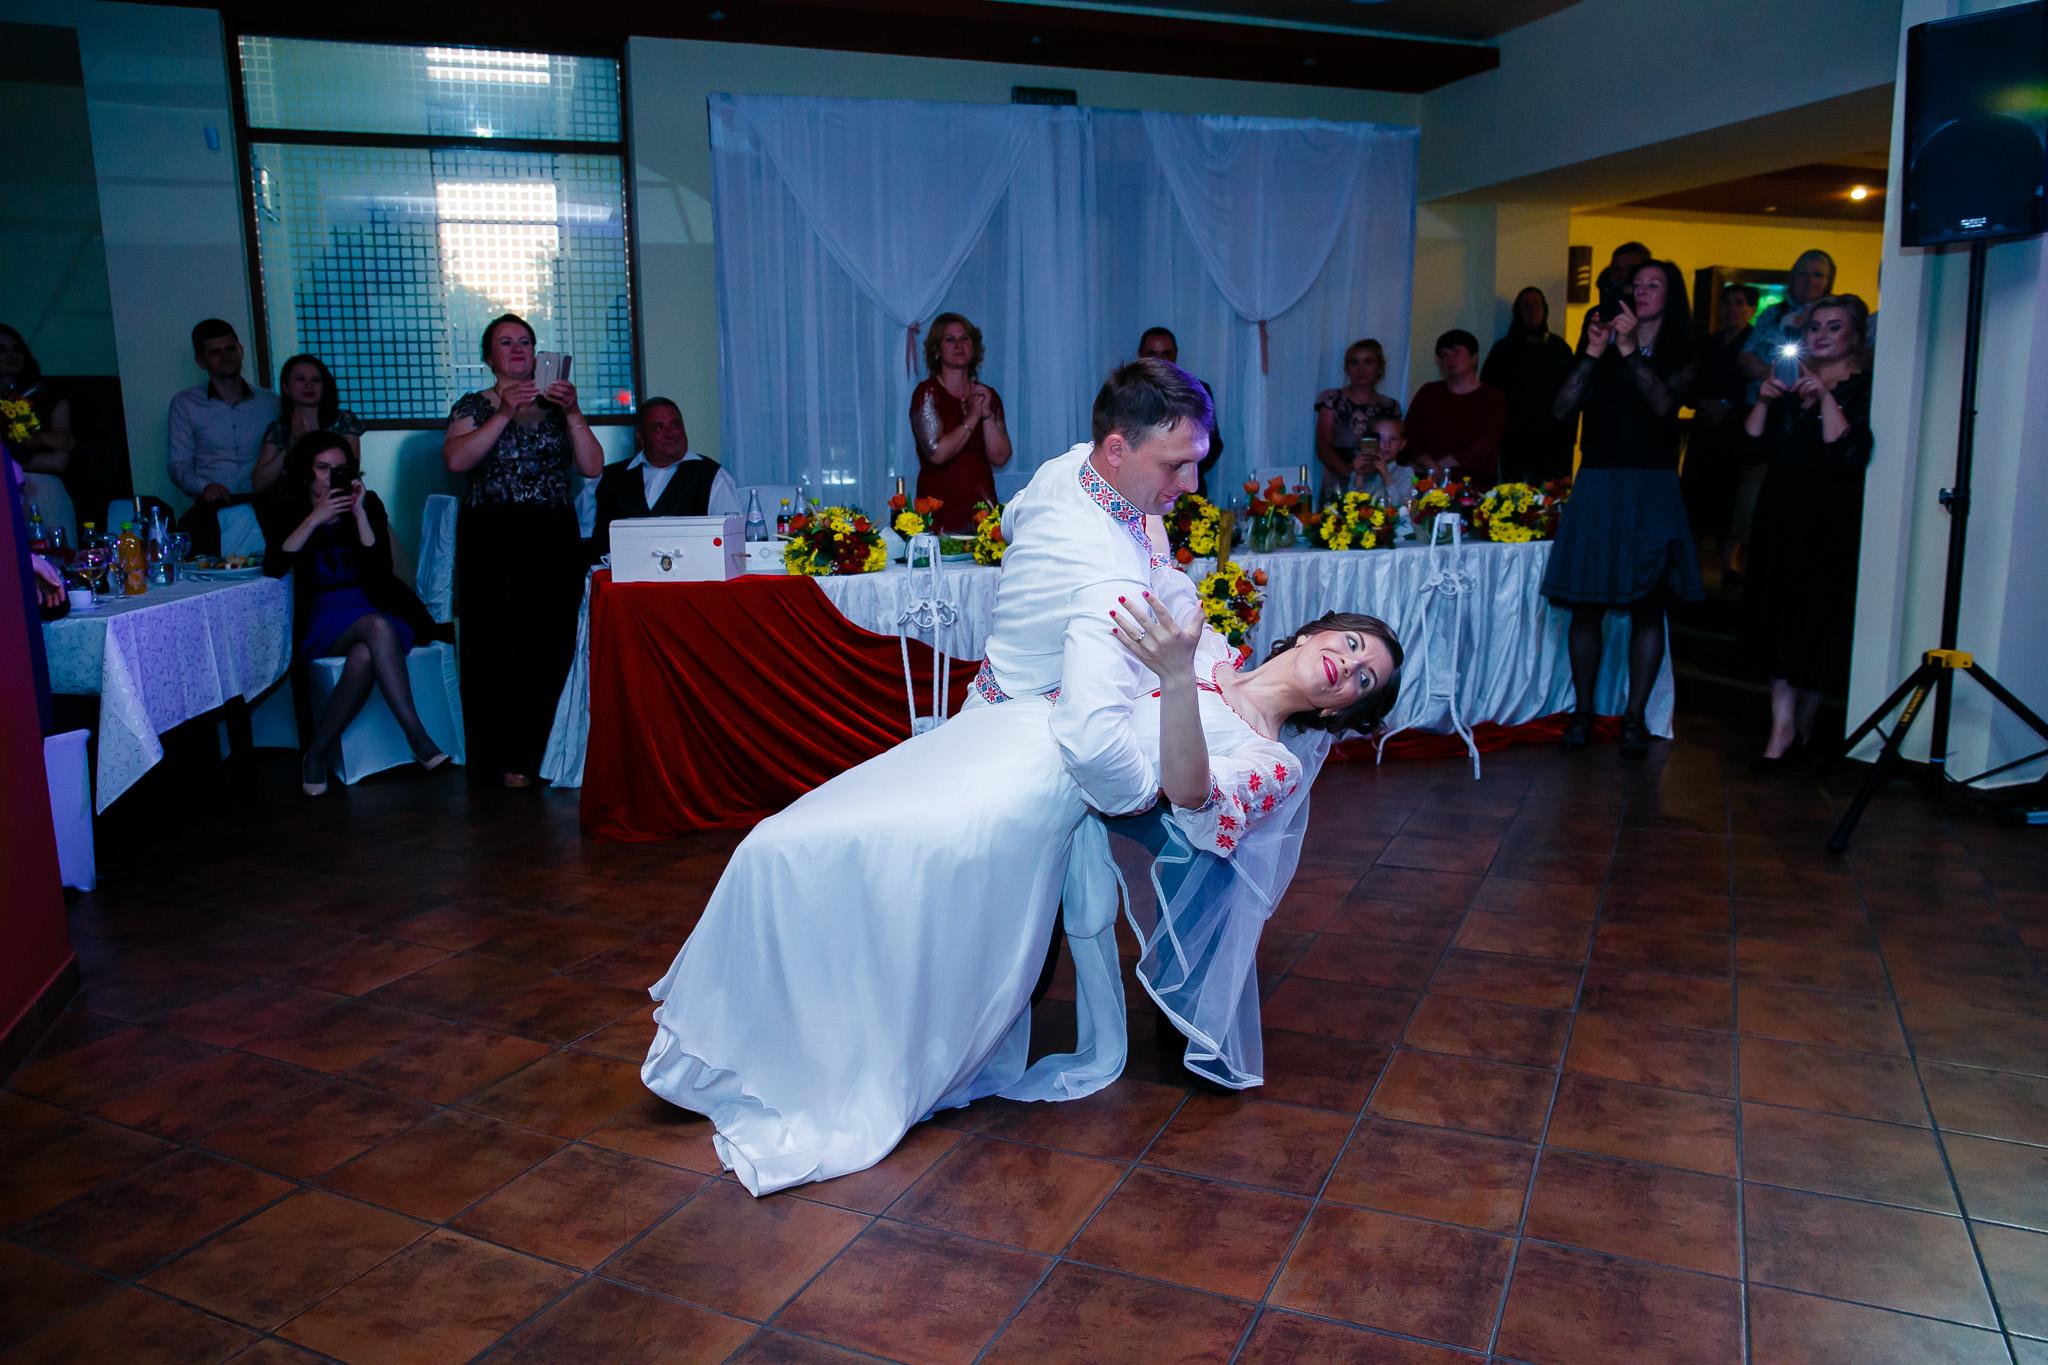 Nuntă tradițională Elisabeta și Alexandru fotograf profesionist nunta Iasi www.paulpadurariu.ro © 2018 Paul Padurariu fotograf de nunta Iasi dansul mirilor 4